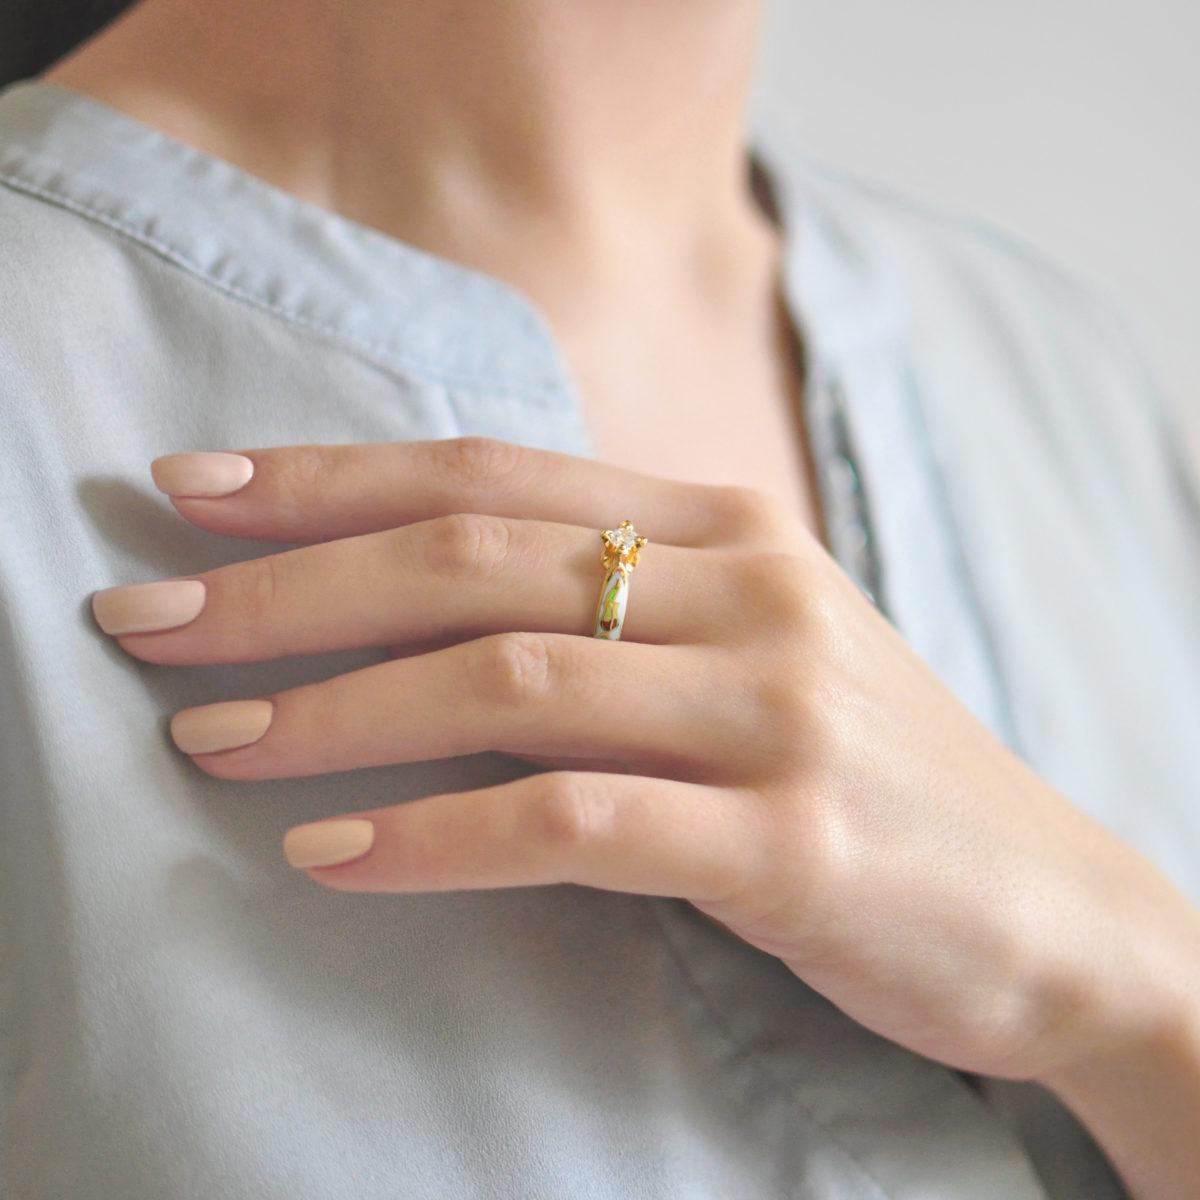 Zolochenie belaya 2 1200x1200 - Перстень серебряный «Примавера» (золочение), белое с фианитами